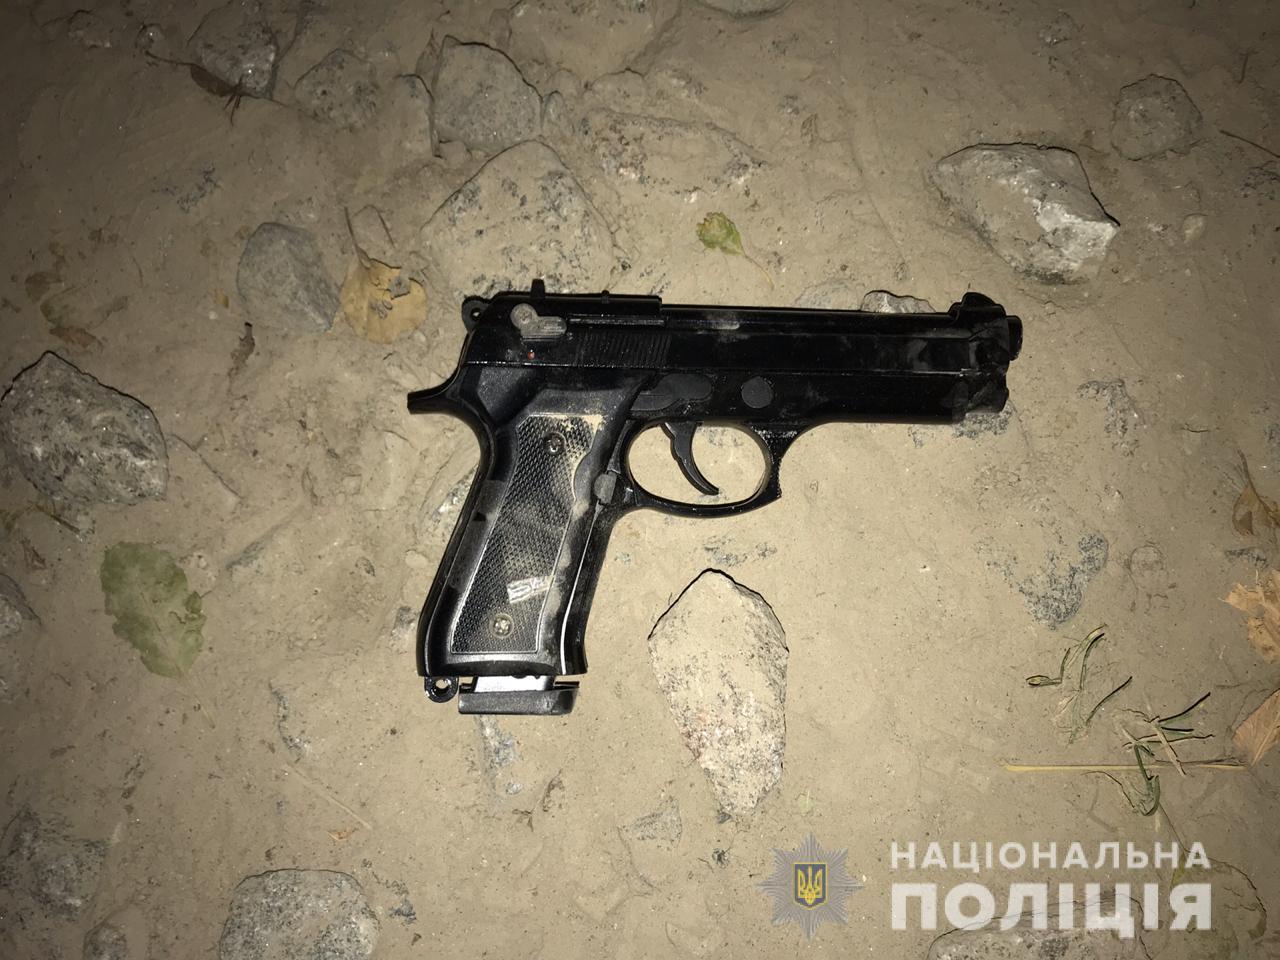 На Обухівщині затримали банду нападників на підприємця - іноземці, банда - Rozbij5